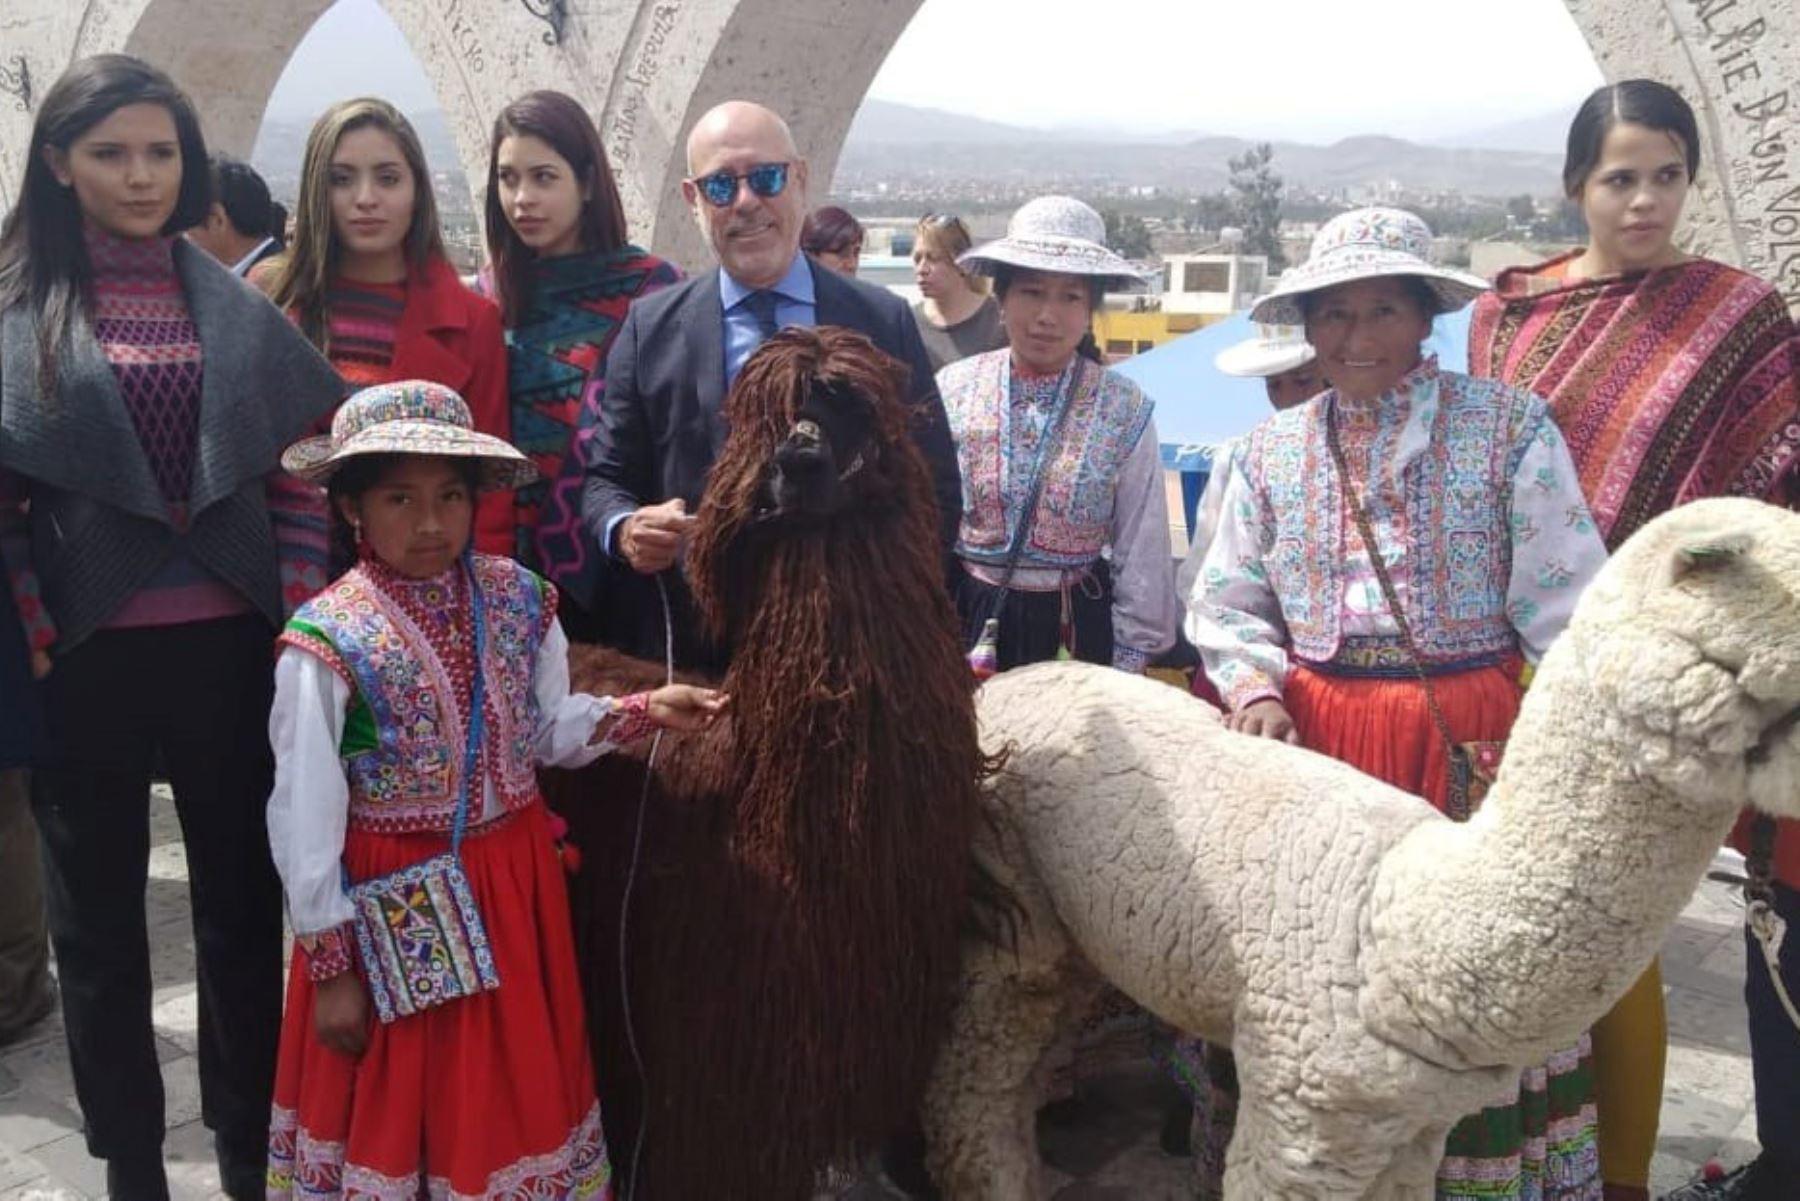 Productores, compradores, diseñadores, entre otros, reúne desde hoy Alpaca Fiesta 2018 en Arequipa. ANDINA